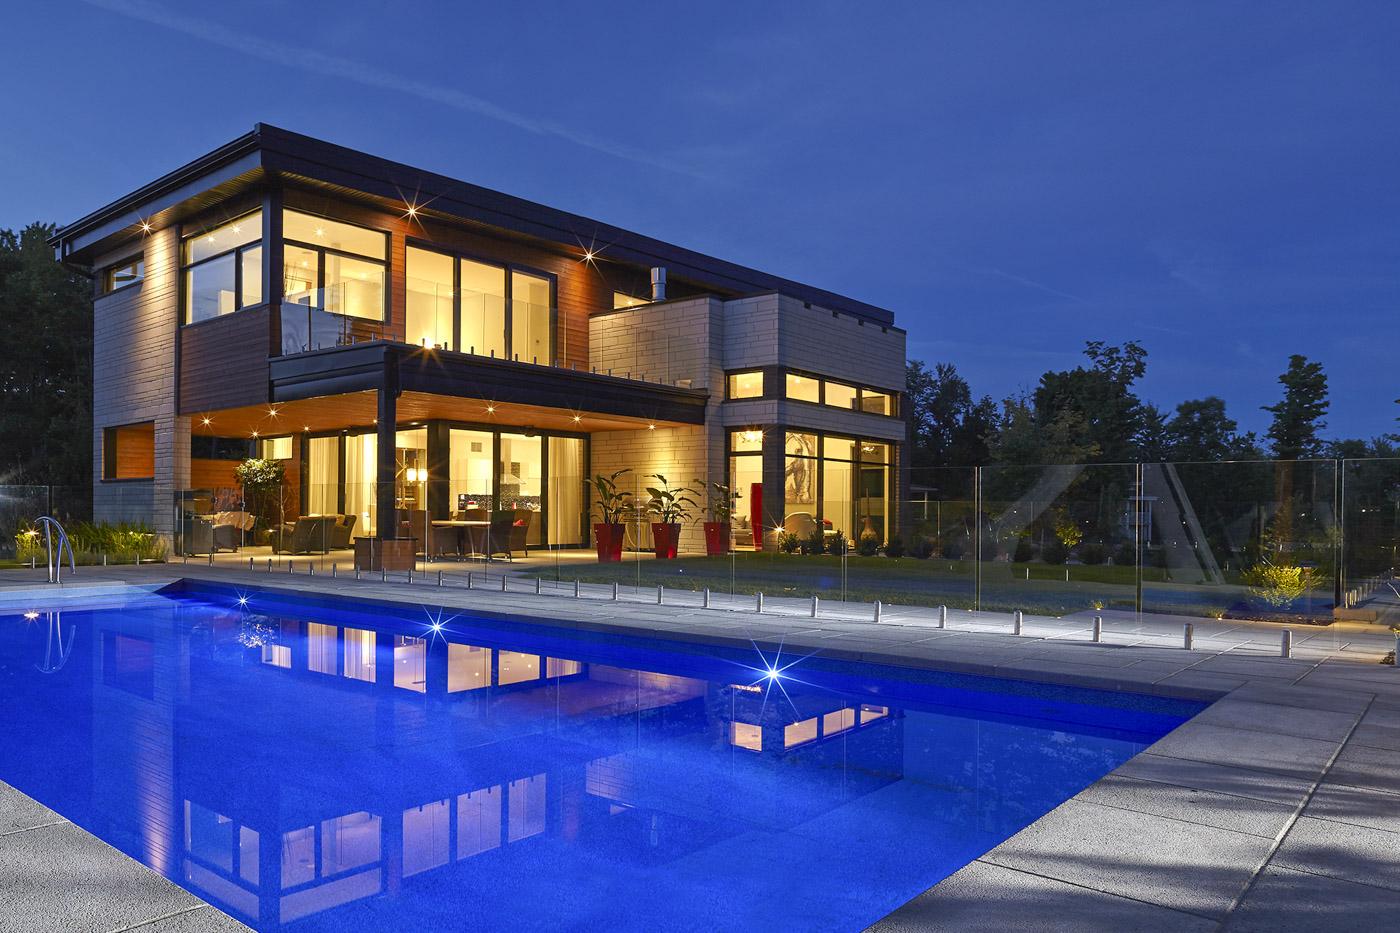 Affordable maison a vendre rock forest saint elie deauville sherbrooke with maison de luxe a for Les maison de luxe